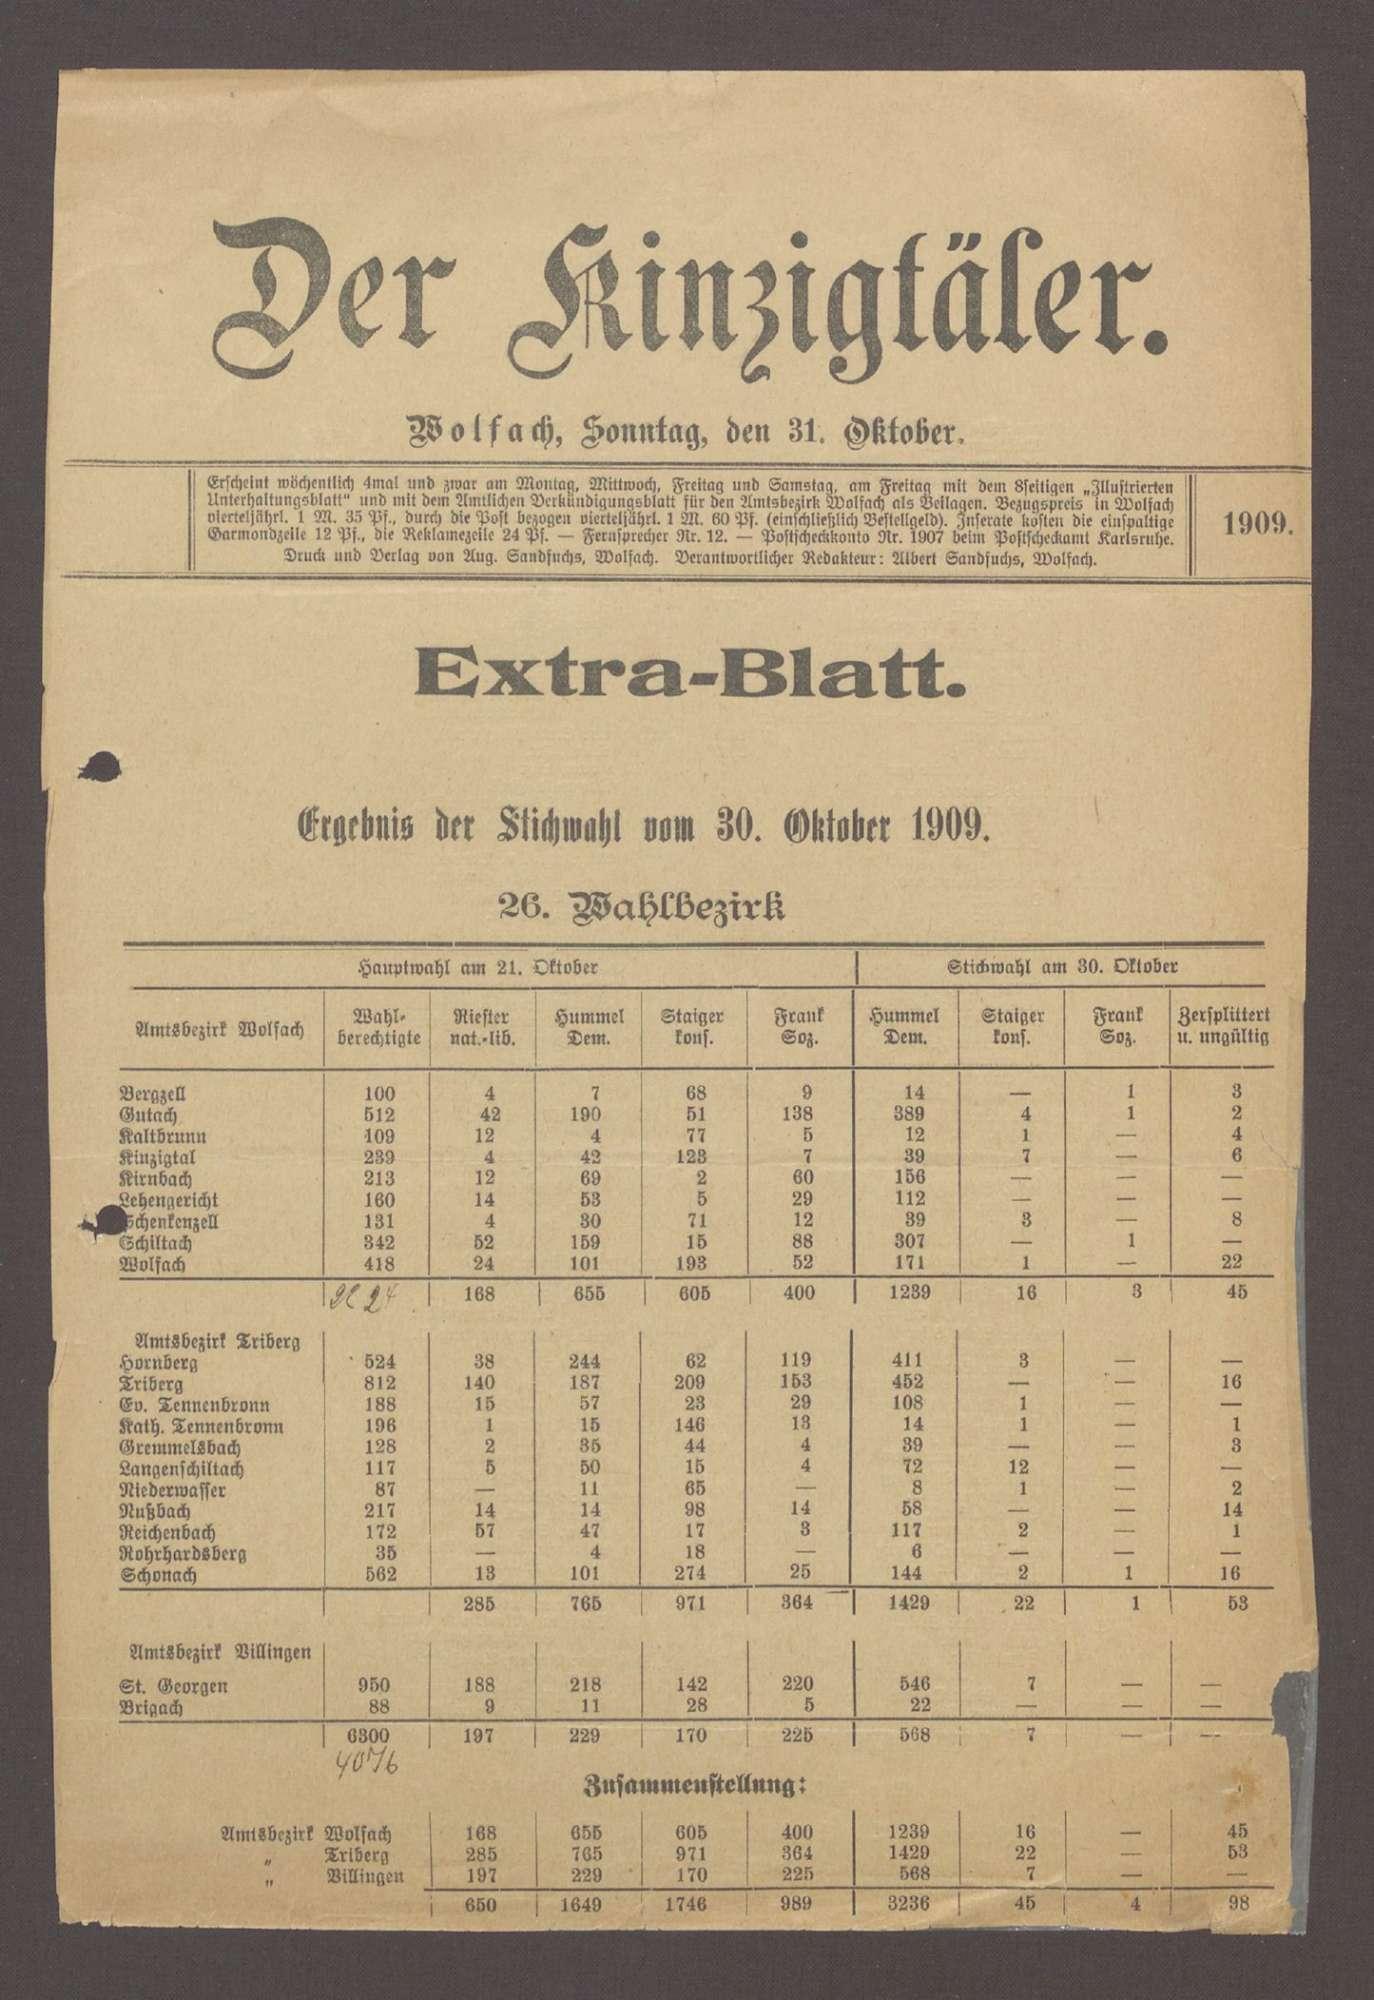 Der Kinzigthäler, Ergebnis der Stichwahl vom 30. Oktober1909, Extrablatt vom 31.10.1909, Bild 1